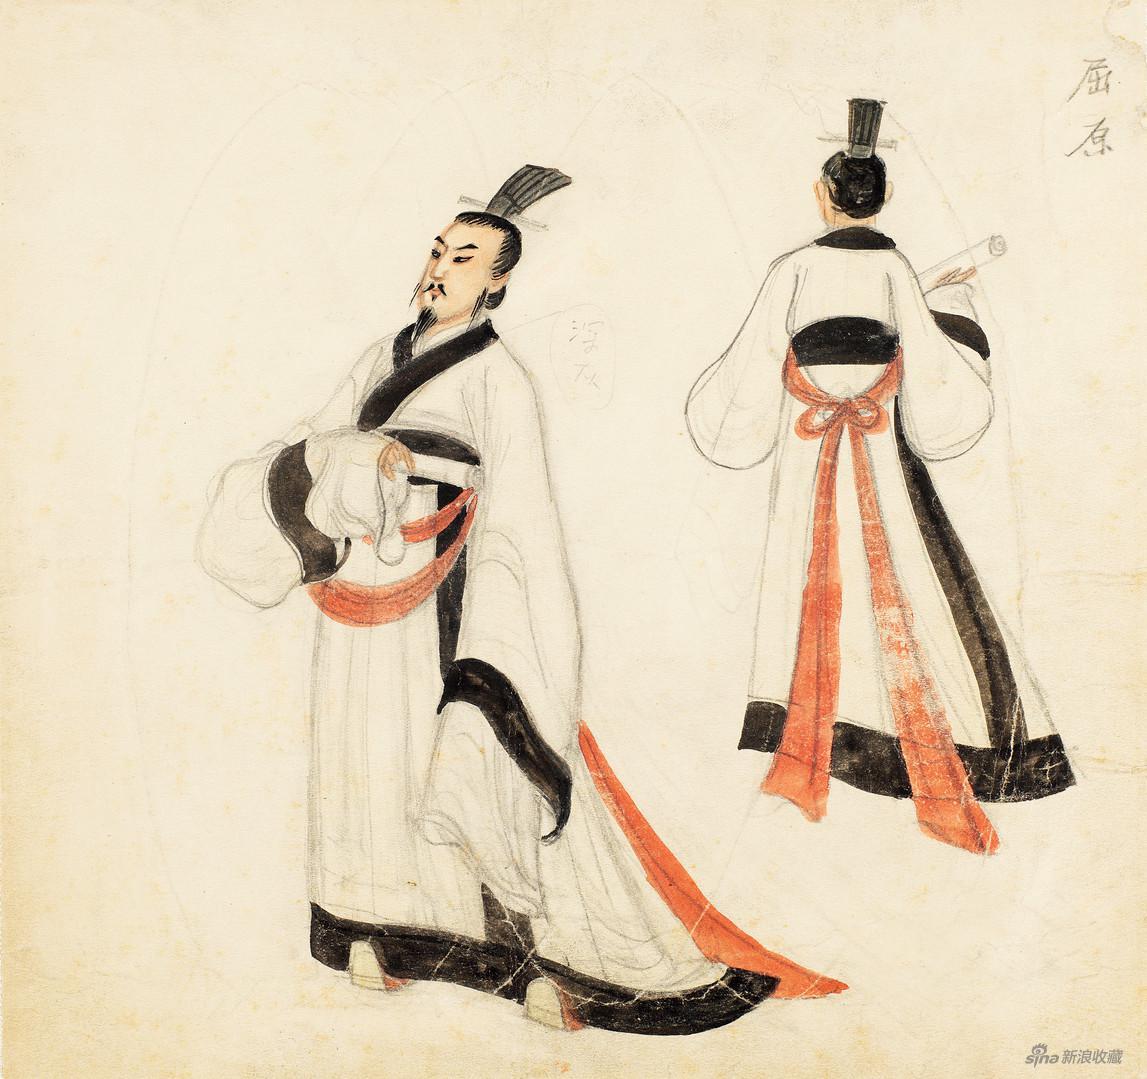 张光宇,屈原 婵娟 服装设计图 25.4×26cm,1953